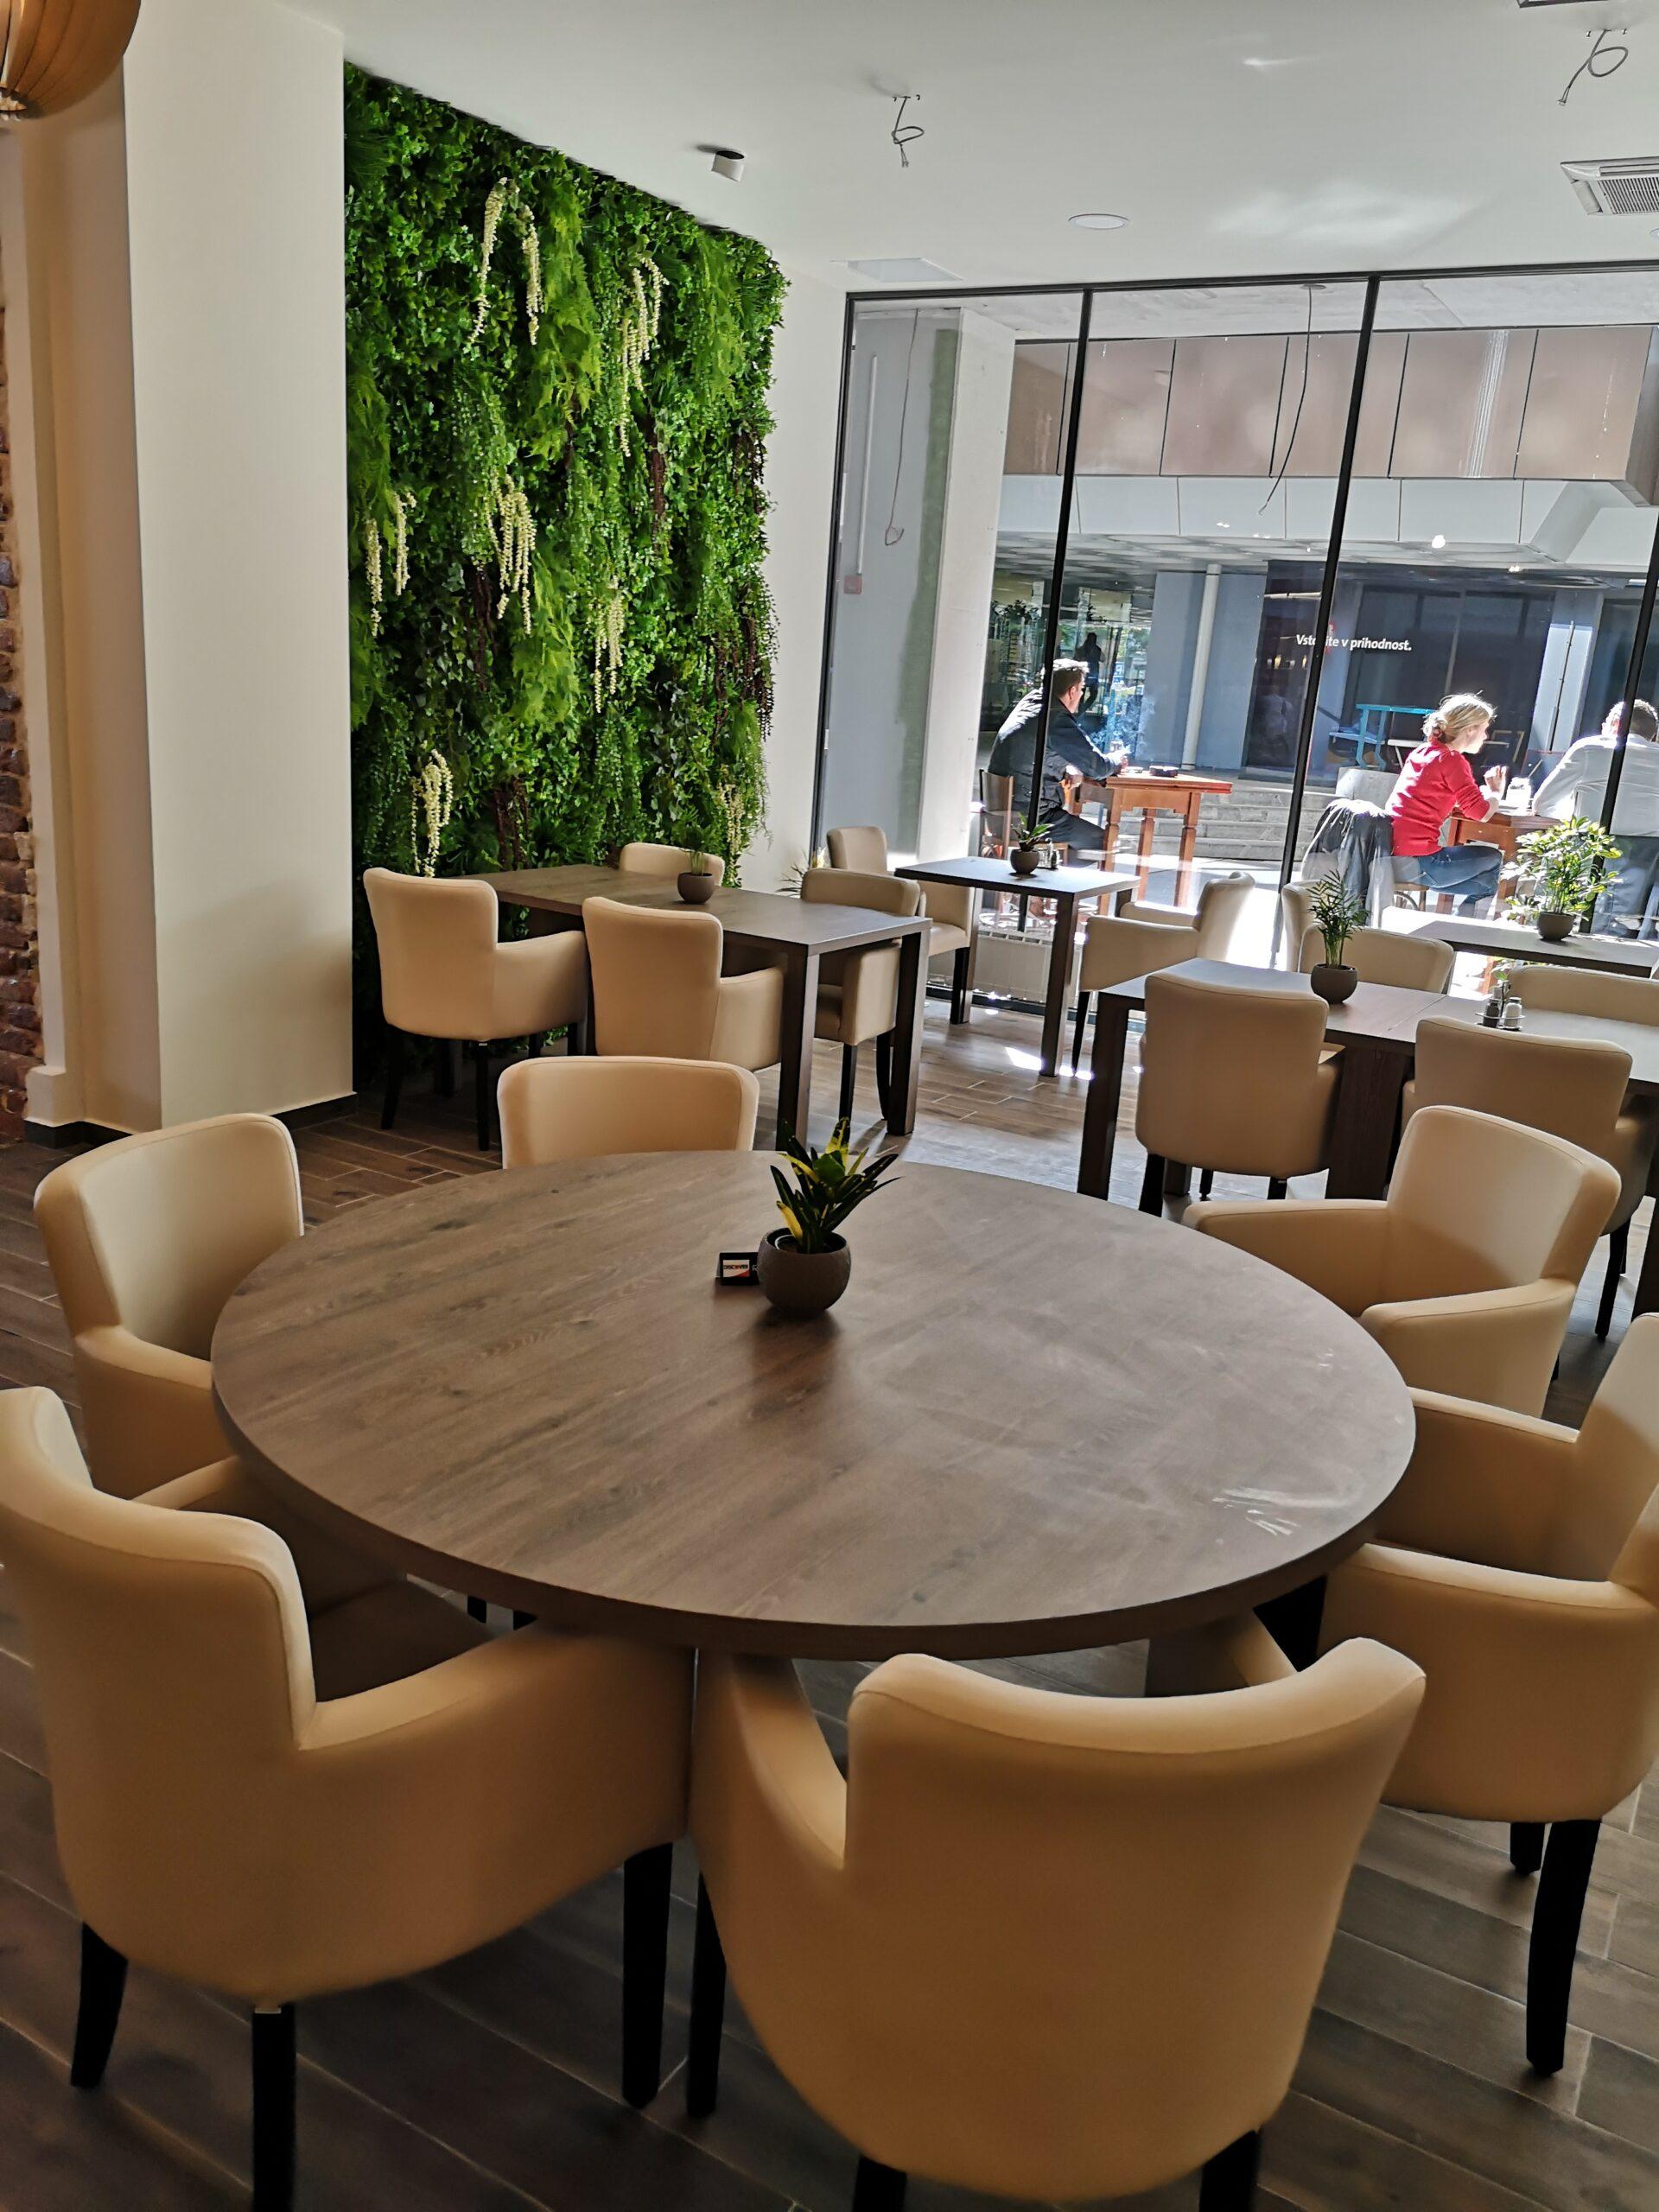 brejk-notranjost-restavracije